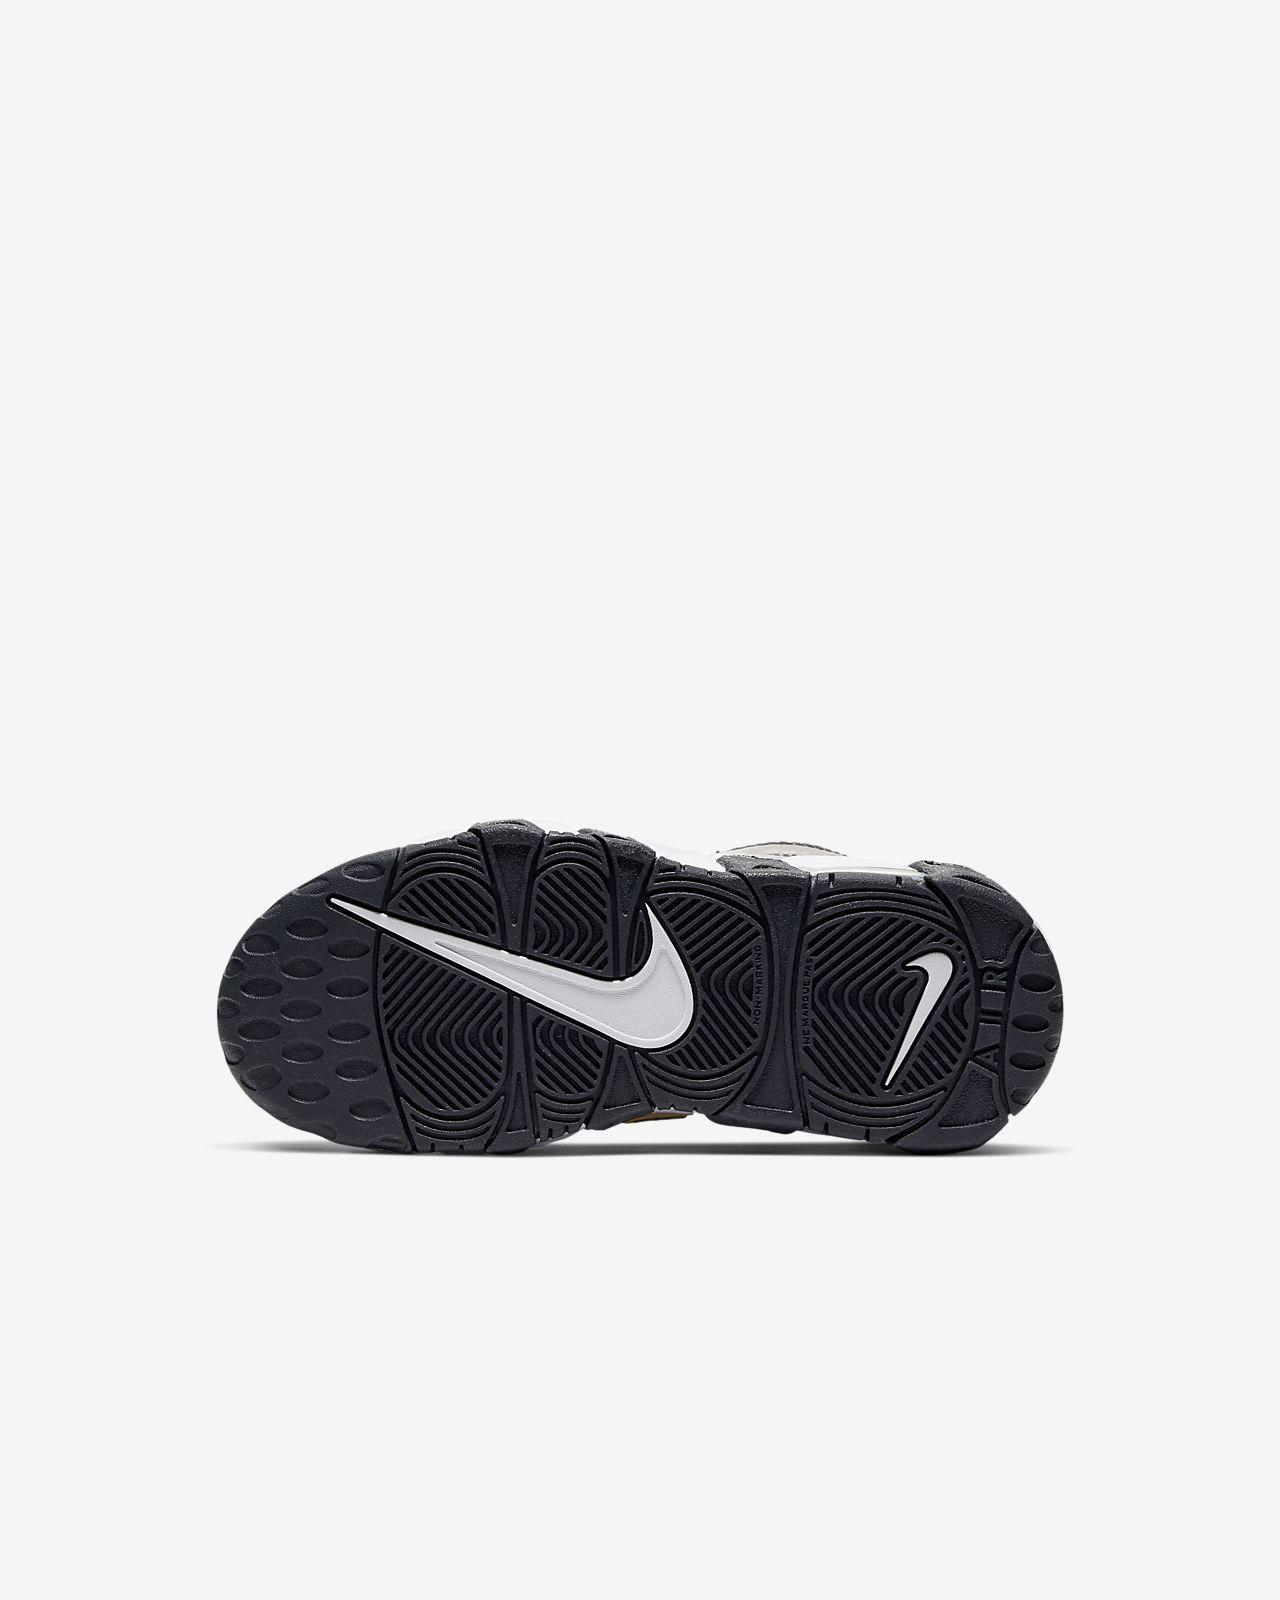 Sko Nike Air More Uptempo SE för barn